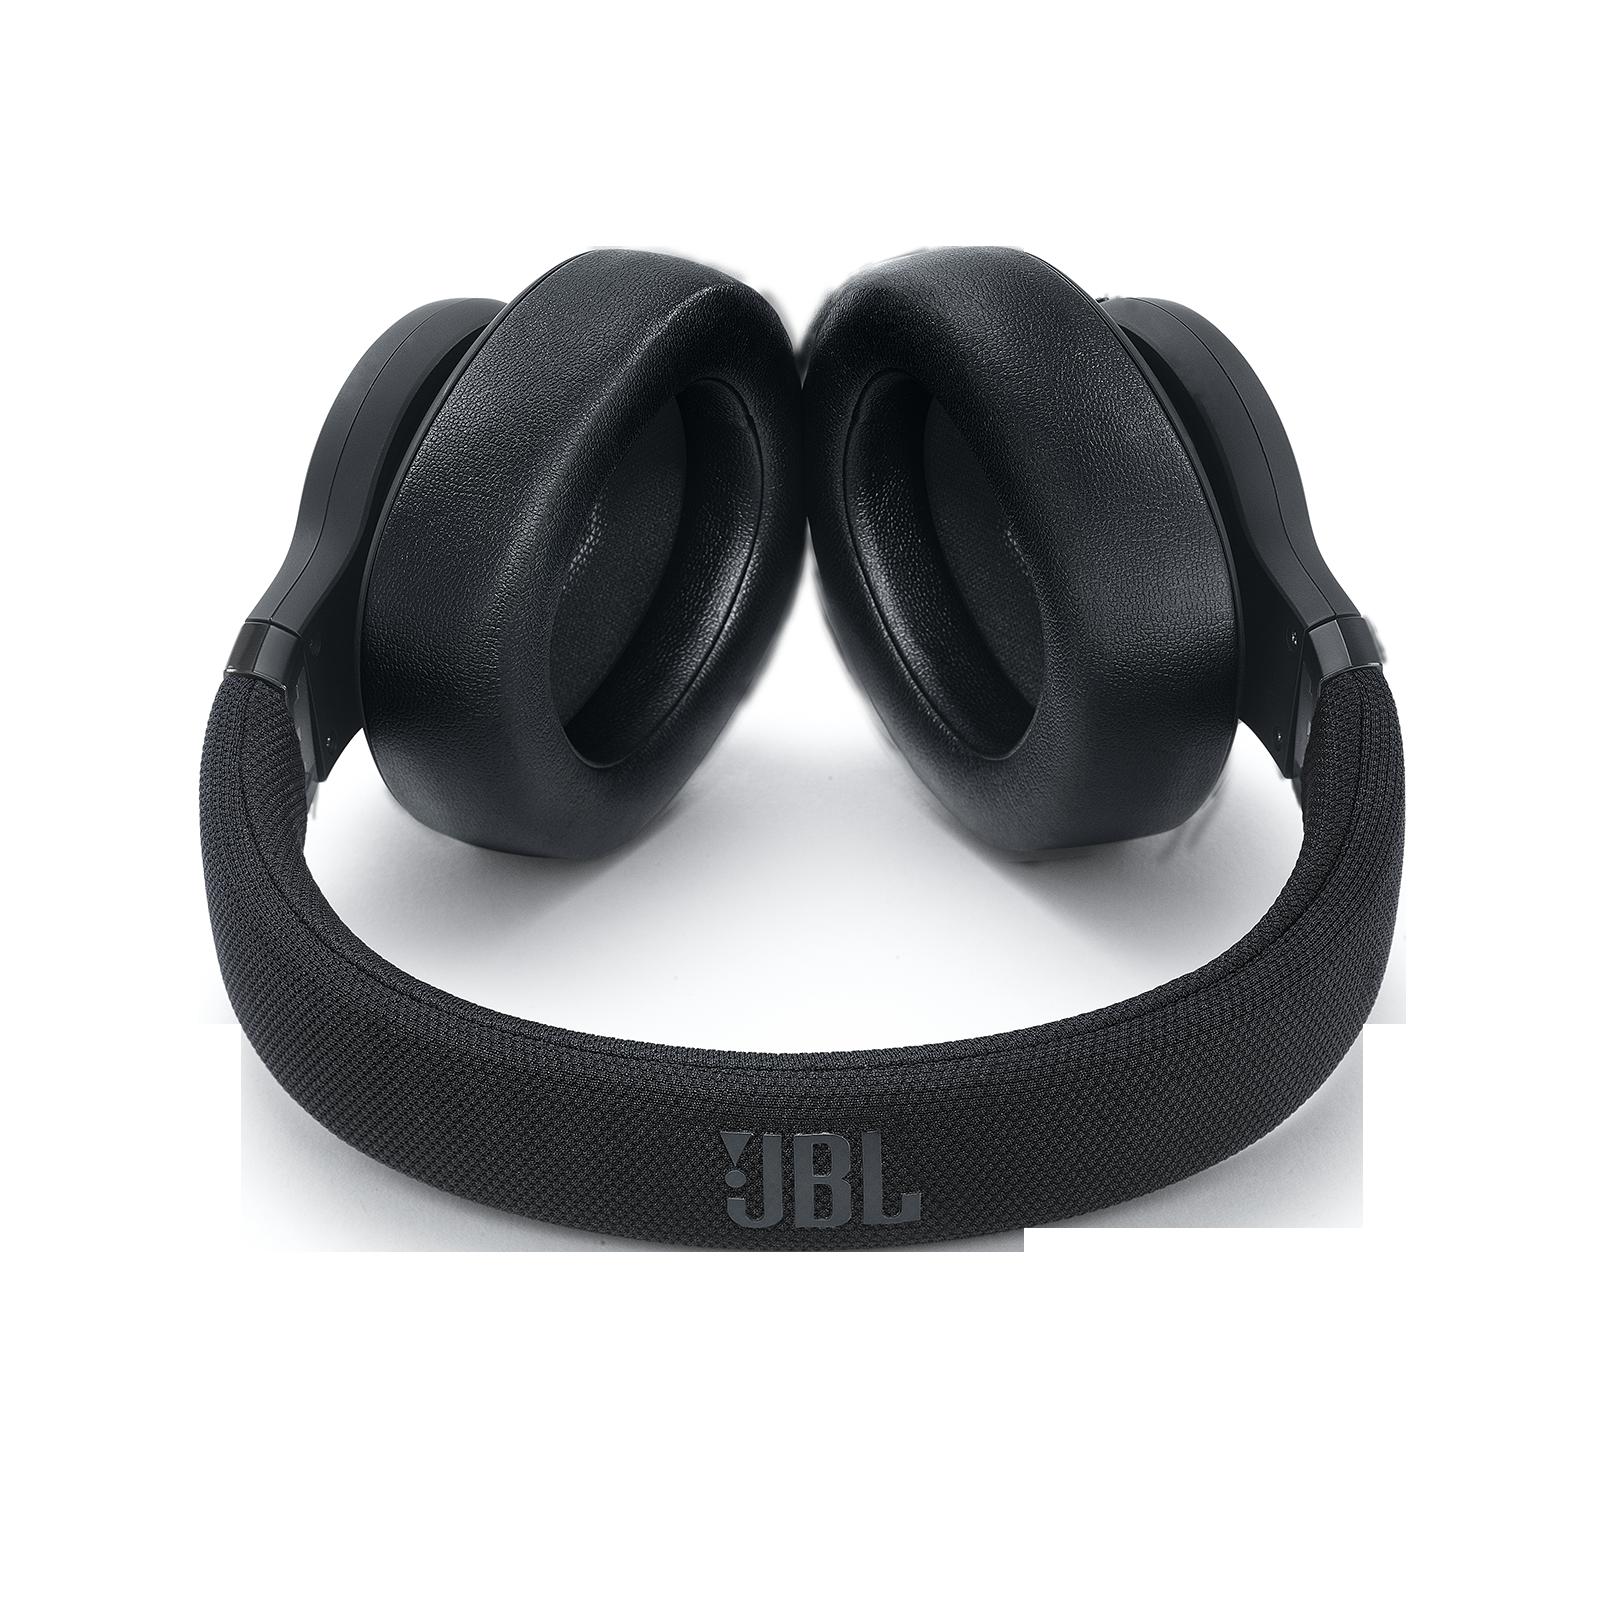 jbl e65btnc kabelloser over ear kopfh rer mit noise cancelling. Black Bedroom Furniture Sets. Home Design Ideas